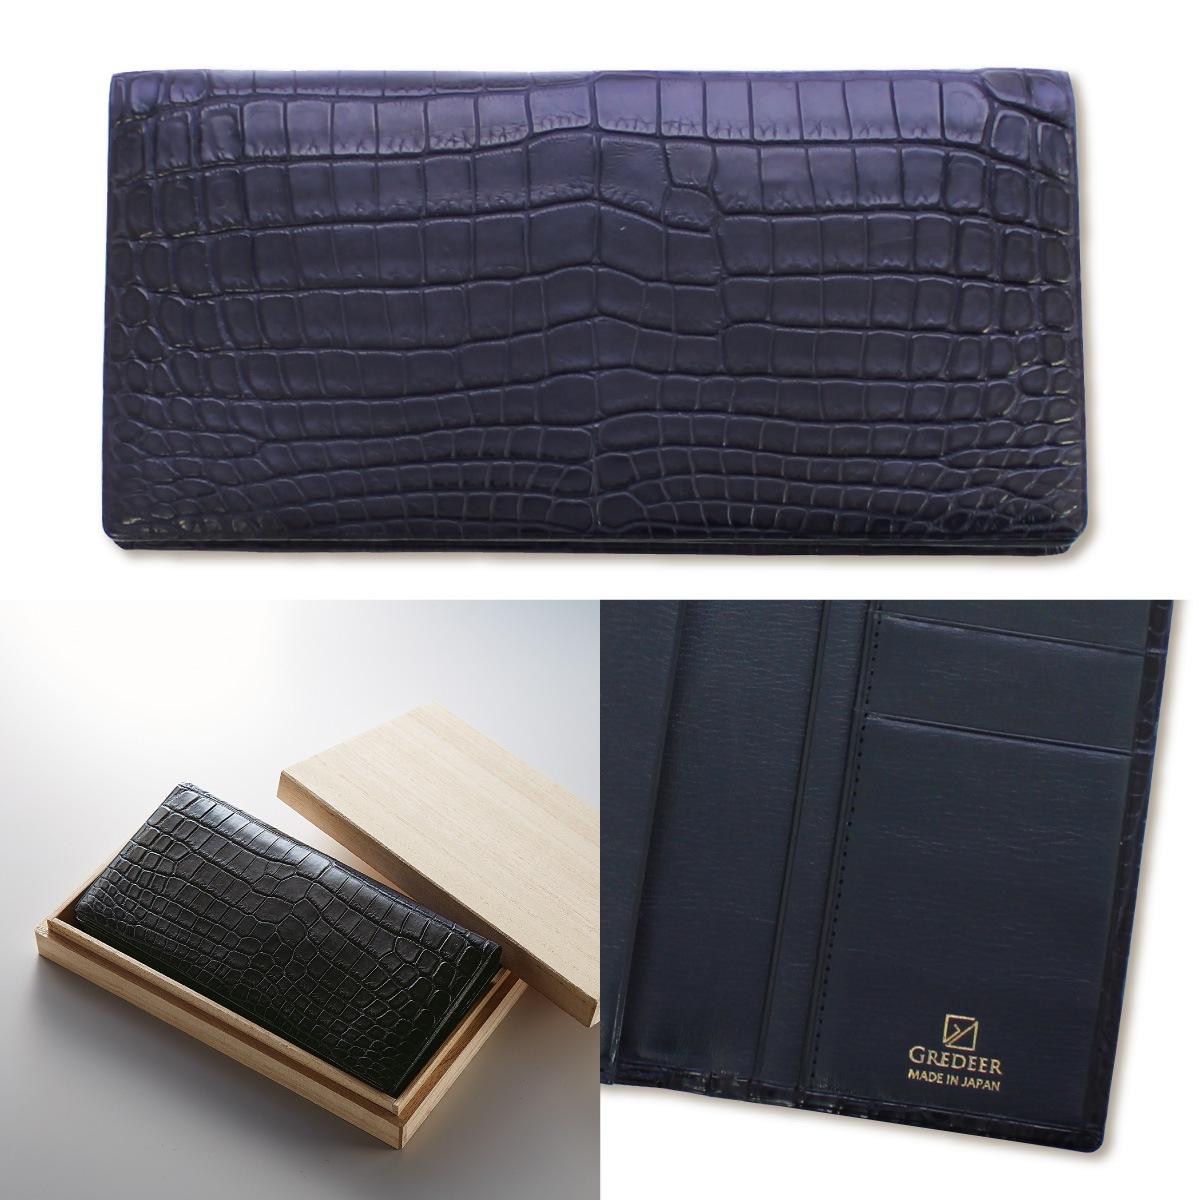 ワニ革(クロコダイル)のプレミアム財布 GREDEER クロコダイル 長財布 【カラー:ネイビー】